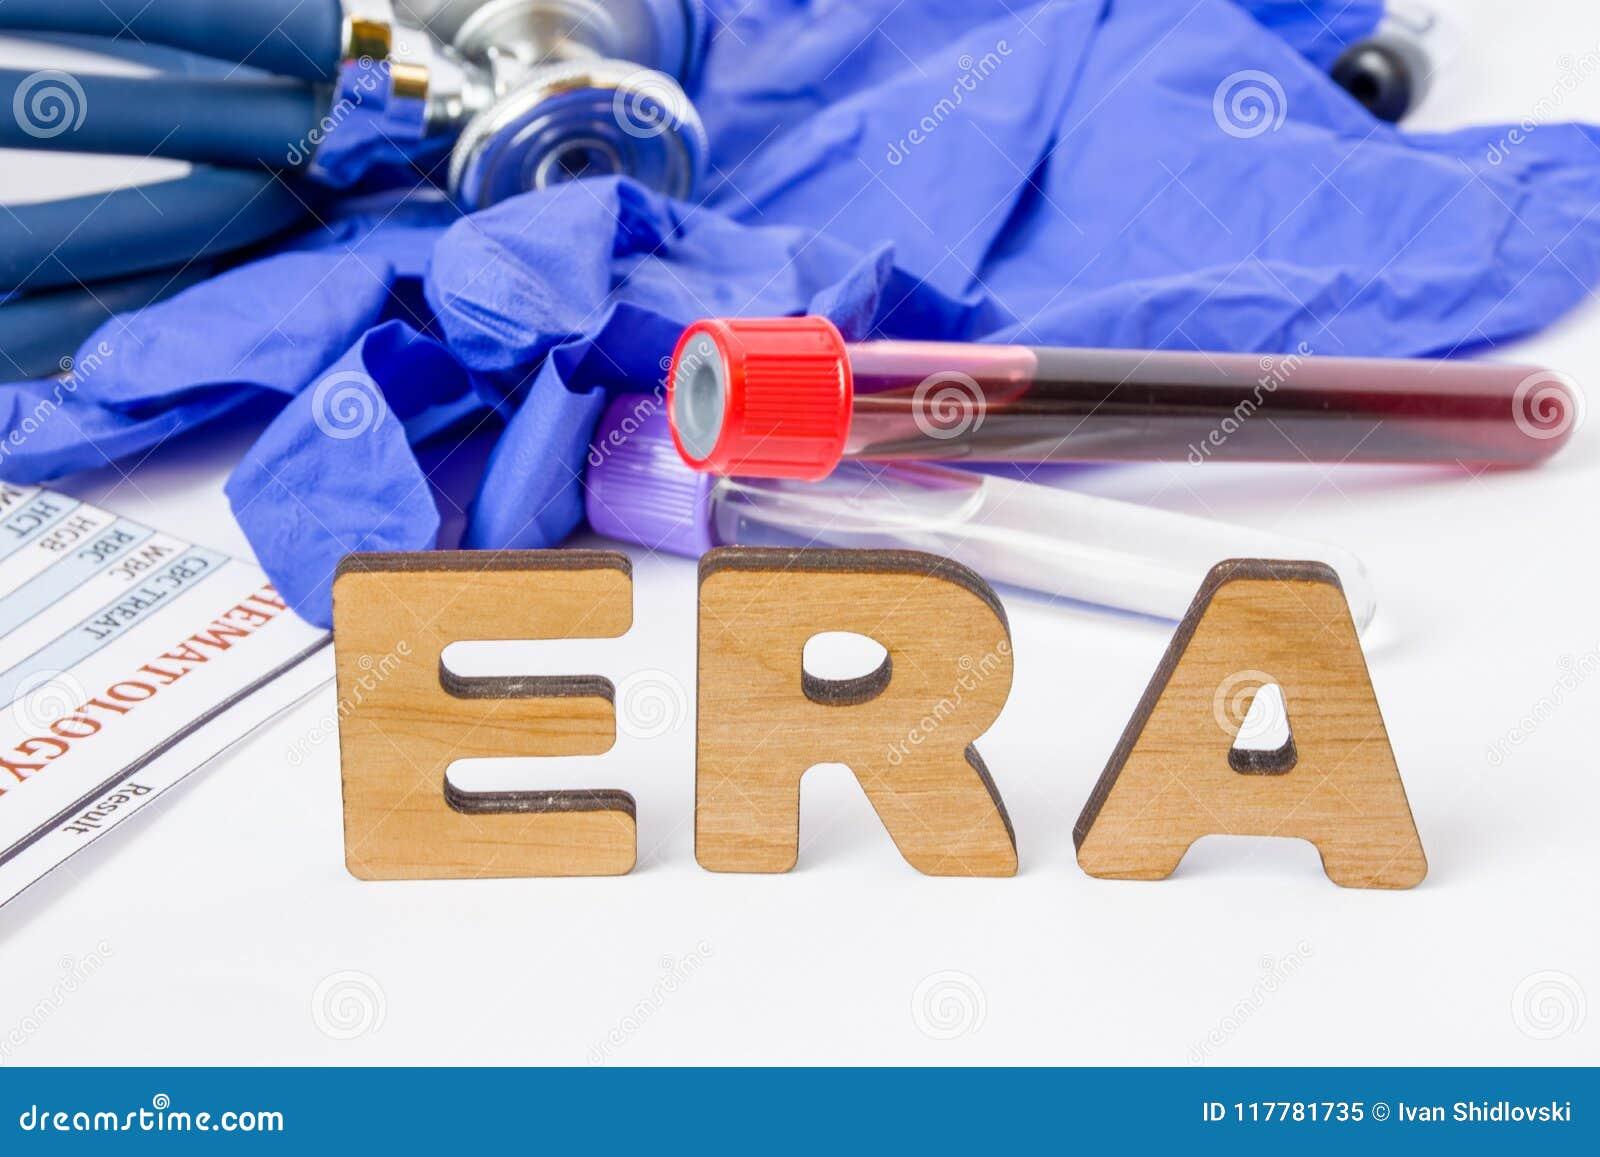 Acronyme de laboratoire clinique d ÈRE ou abréviation médical de l analyse ou de l essai de récepteur d oestrogène pour découvrir